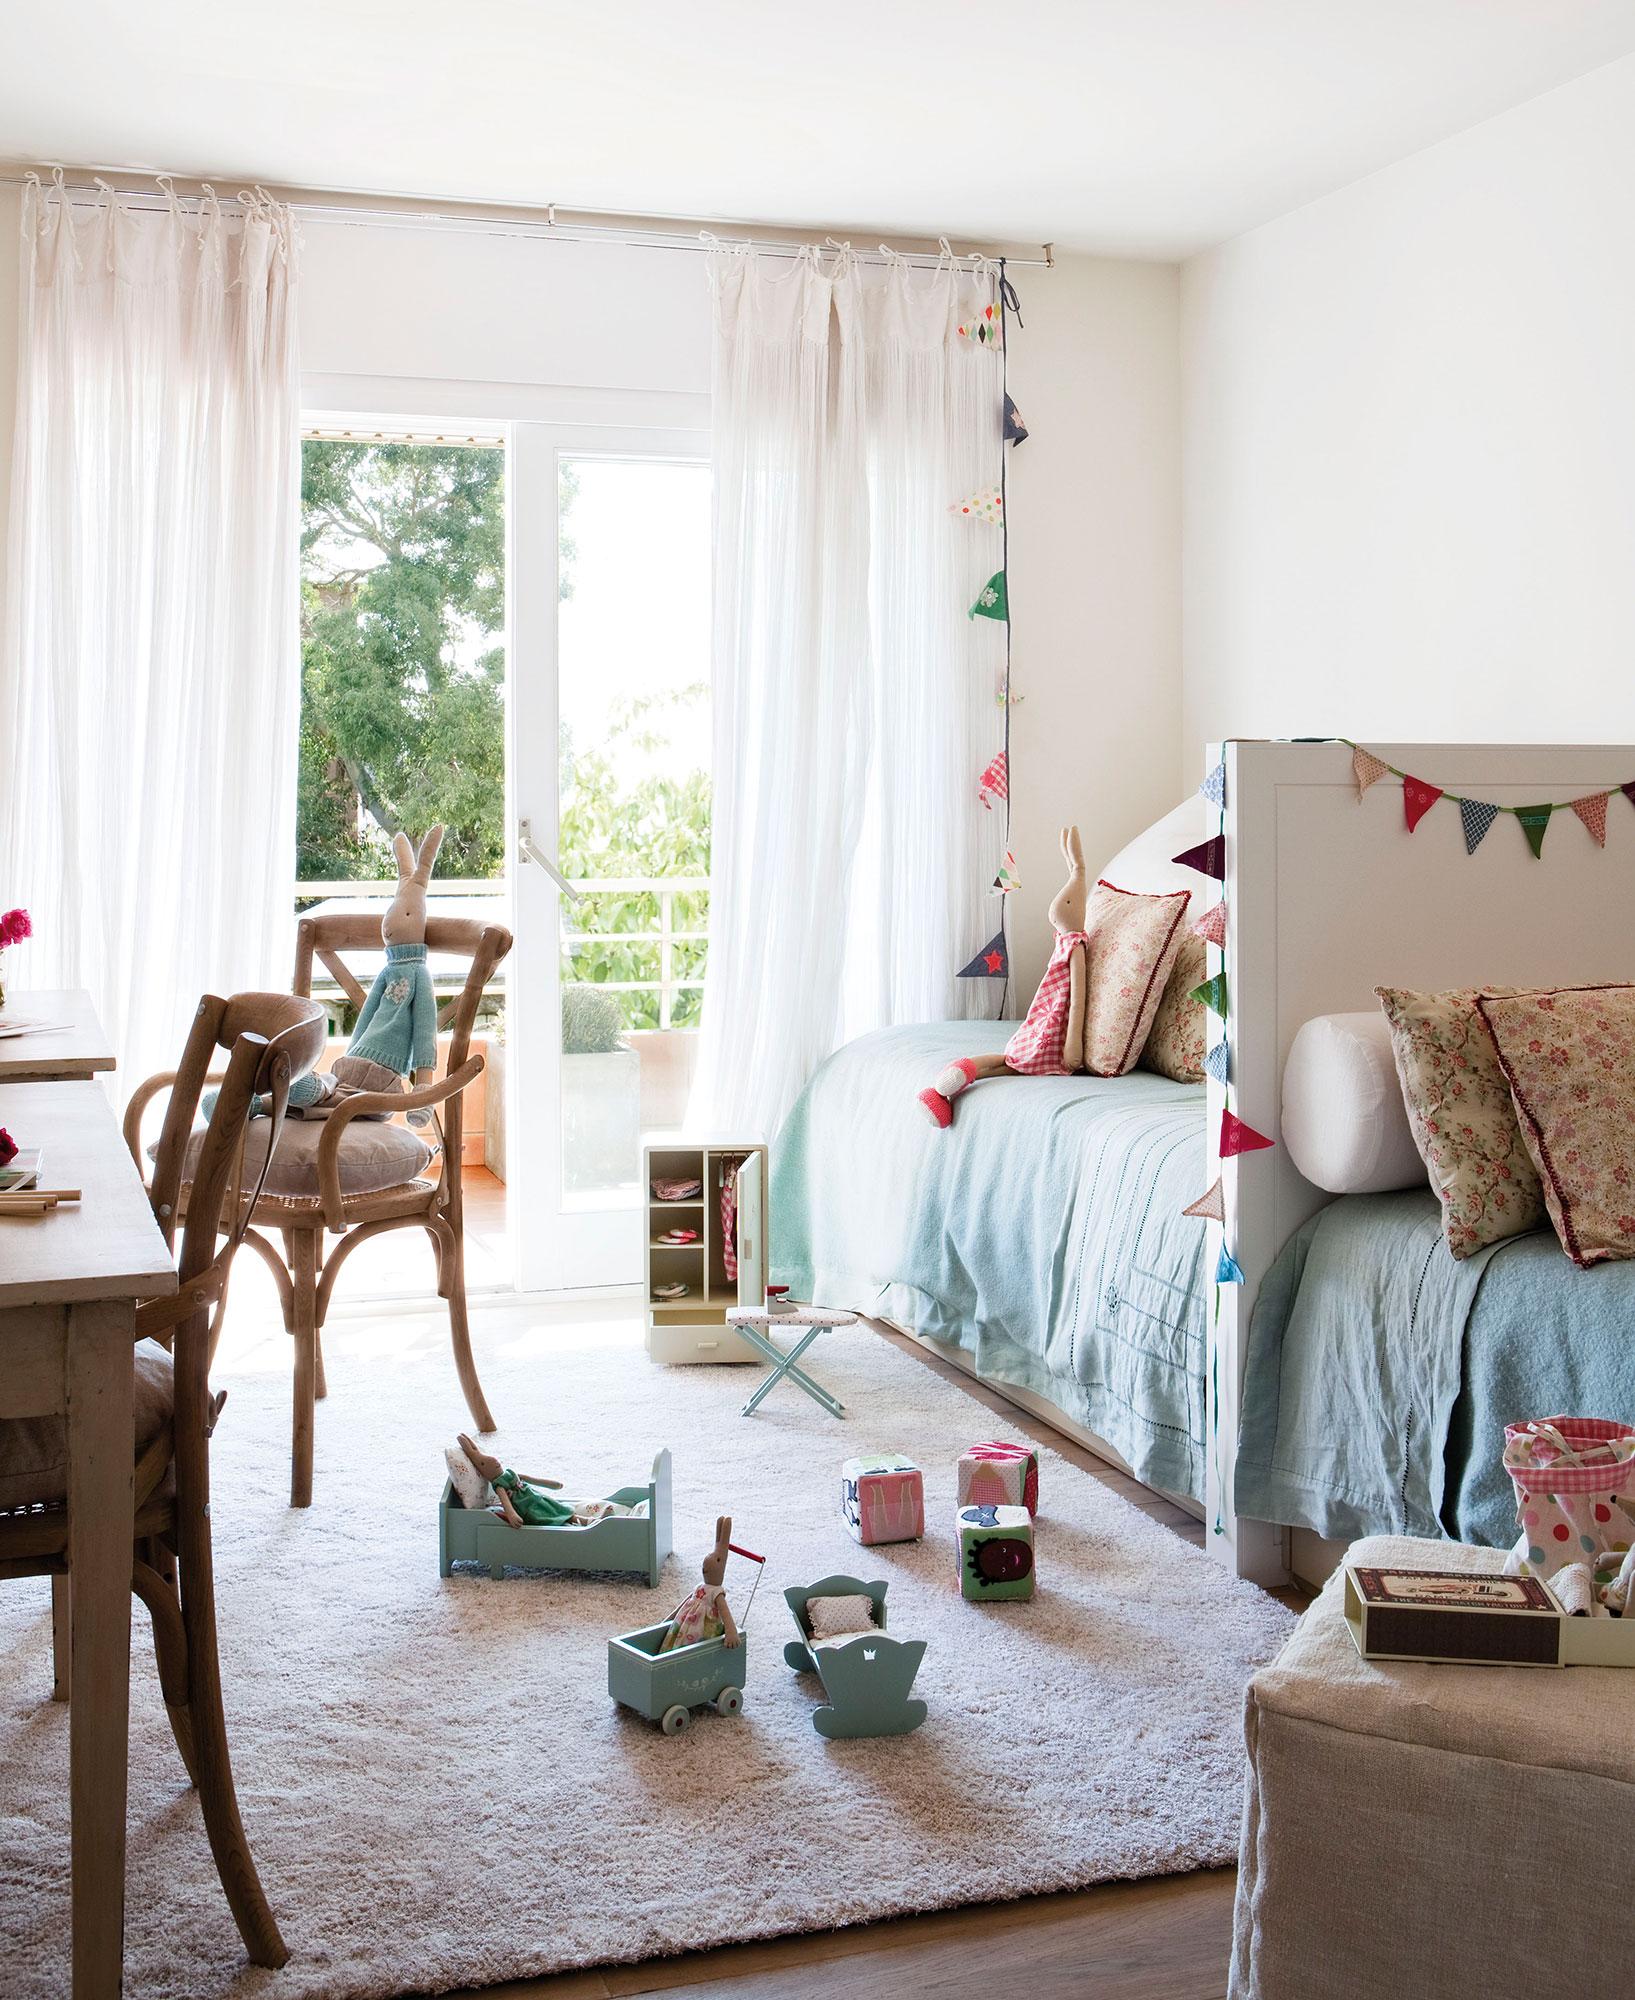 habitacin infantil con dos camas en lnea separadas por un cabecero compartido